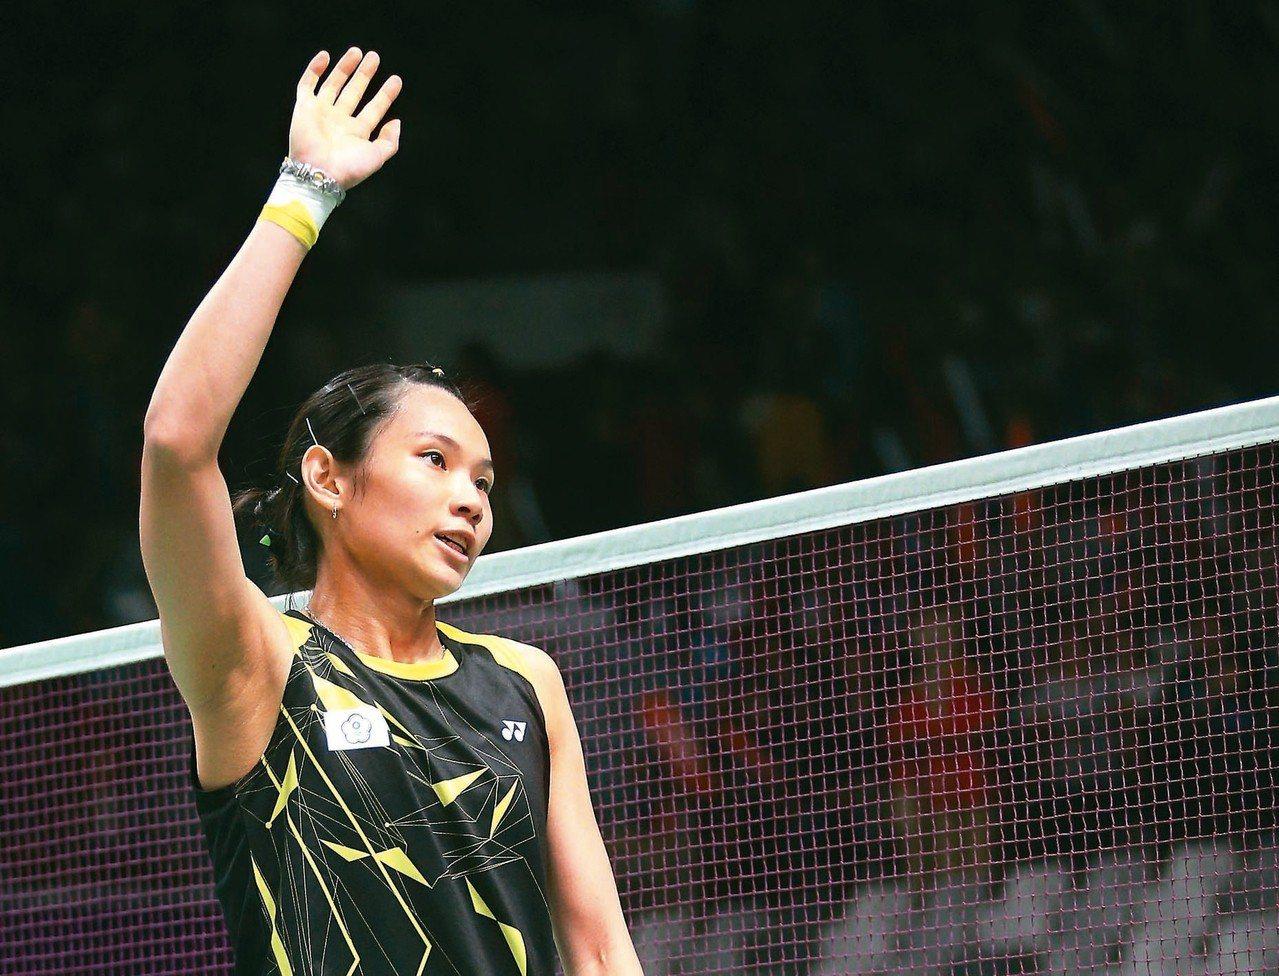 中華民國羽球協會將派9名選手參加馬來西亞羽球大師賽,其中包含戴資穎(圖)。 圖/...